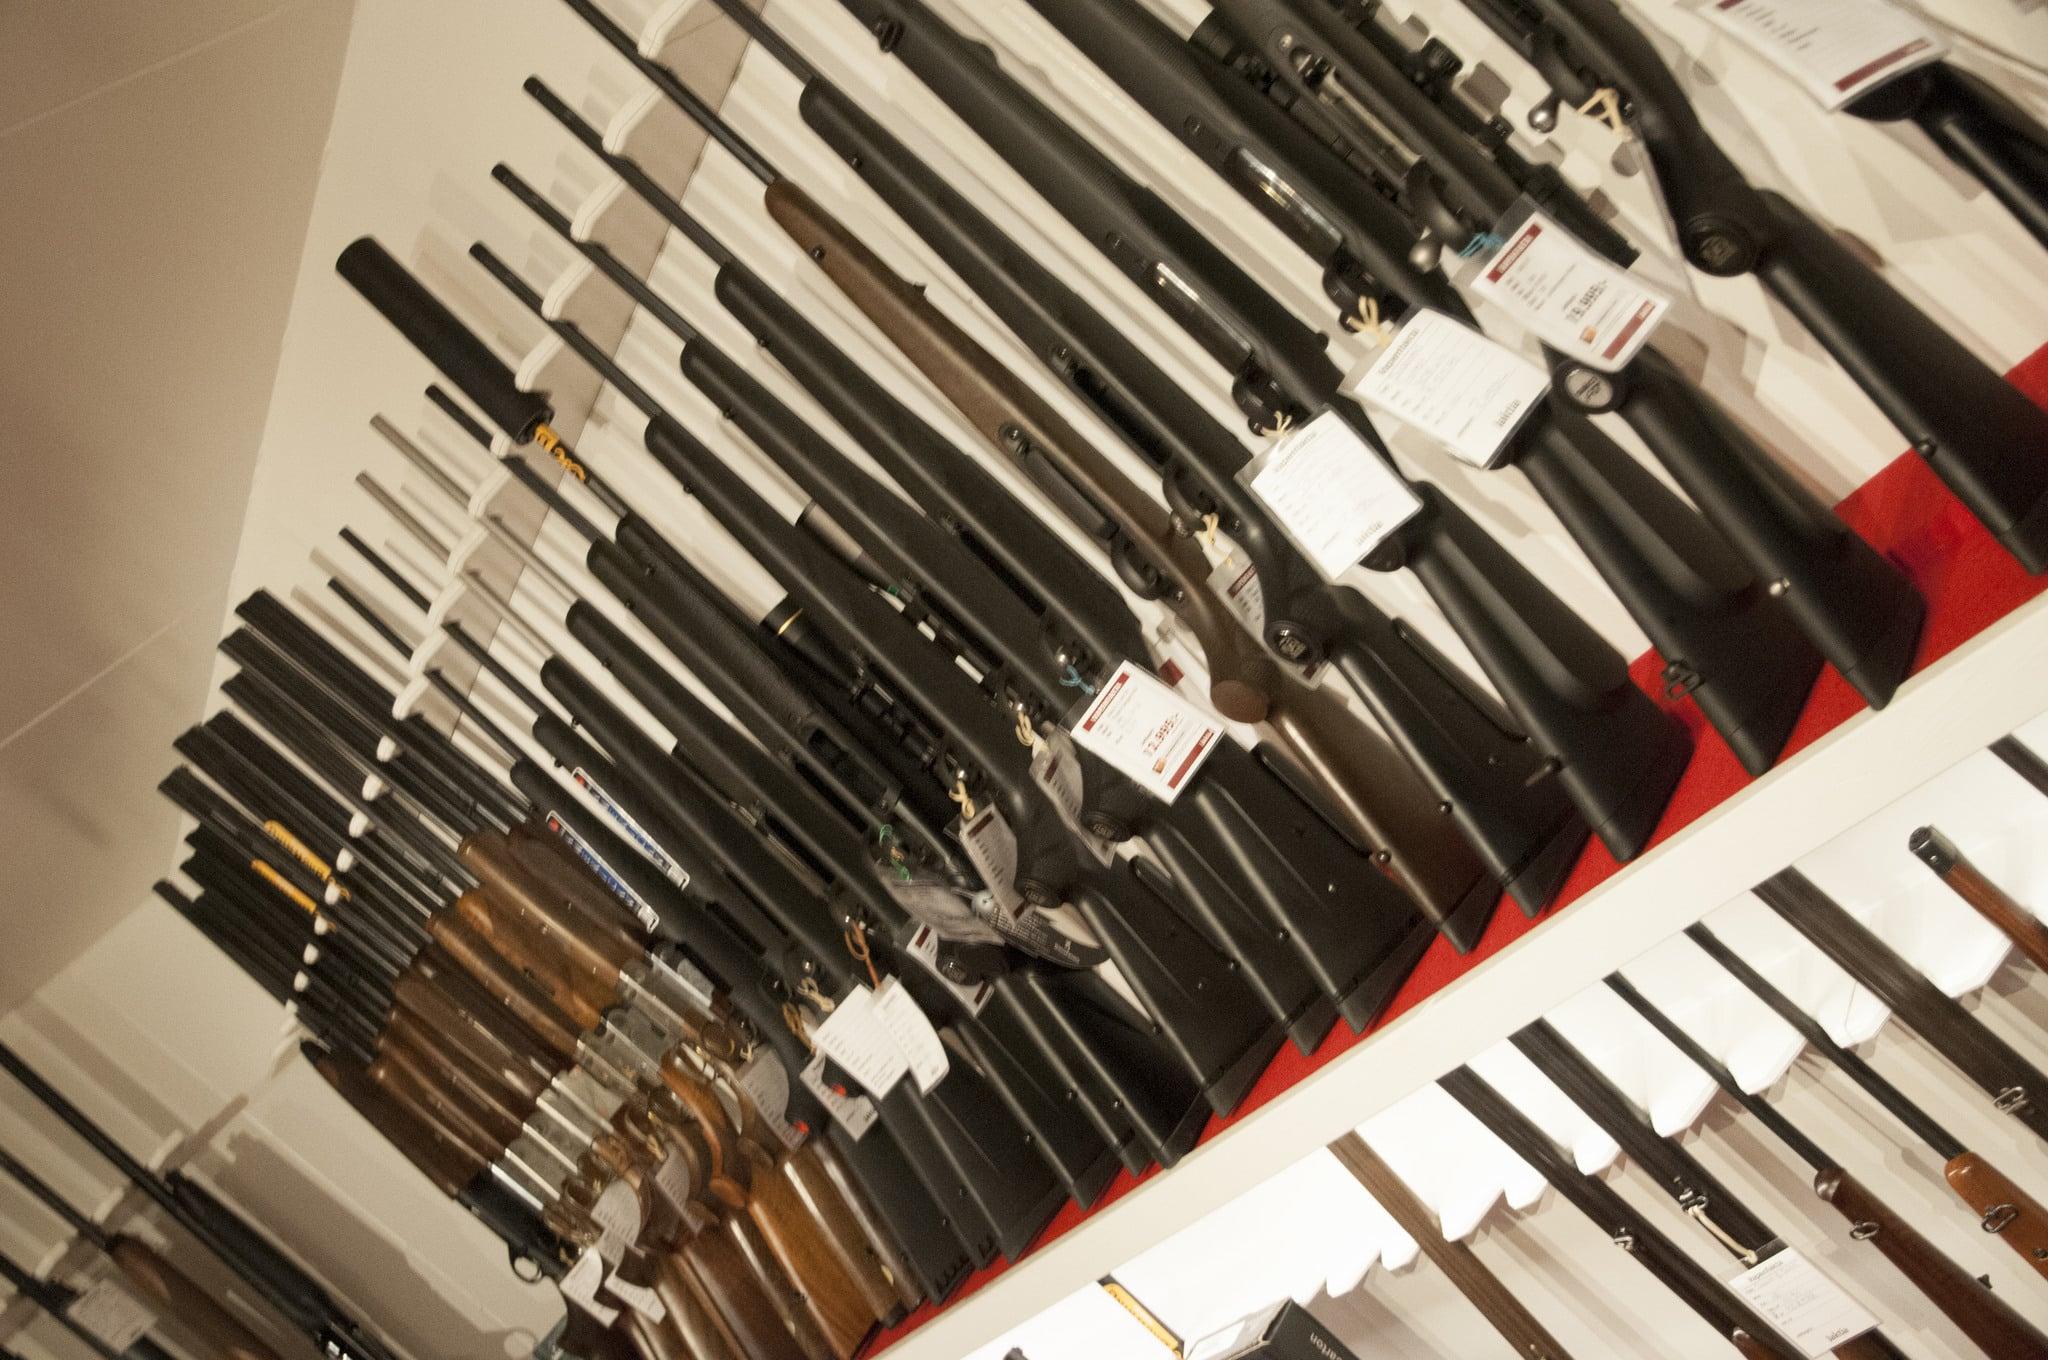 Oetiskt med vapenförsäljning eller inte? Klarna gör olika bedömningar beroende på vem som frågar.